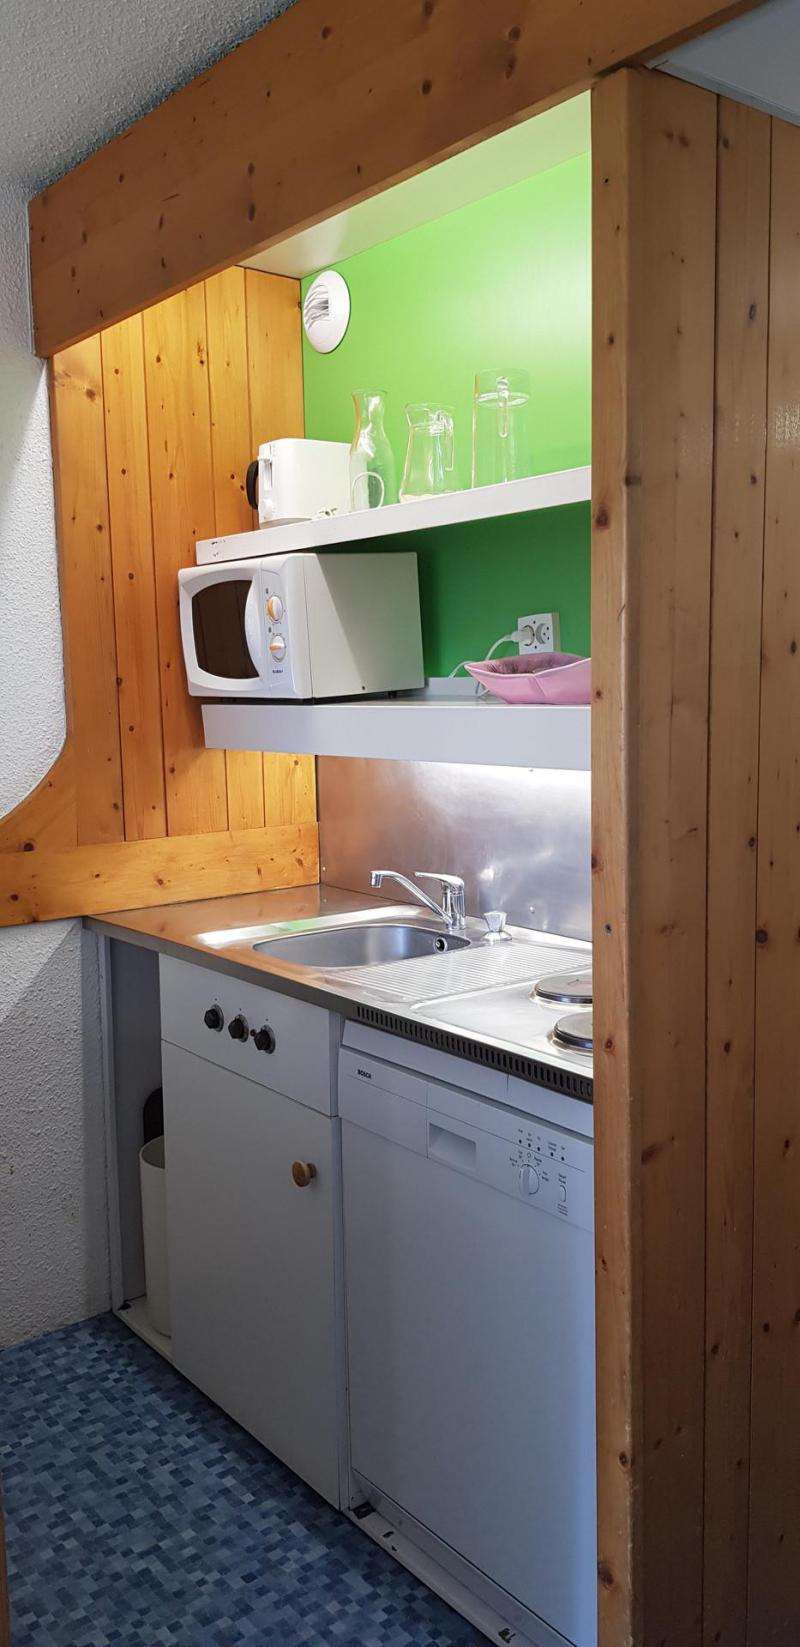 Location au ski Studio 5 personnes (844) - Résidence Pierra Menta - Les Arcs